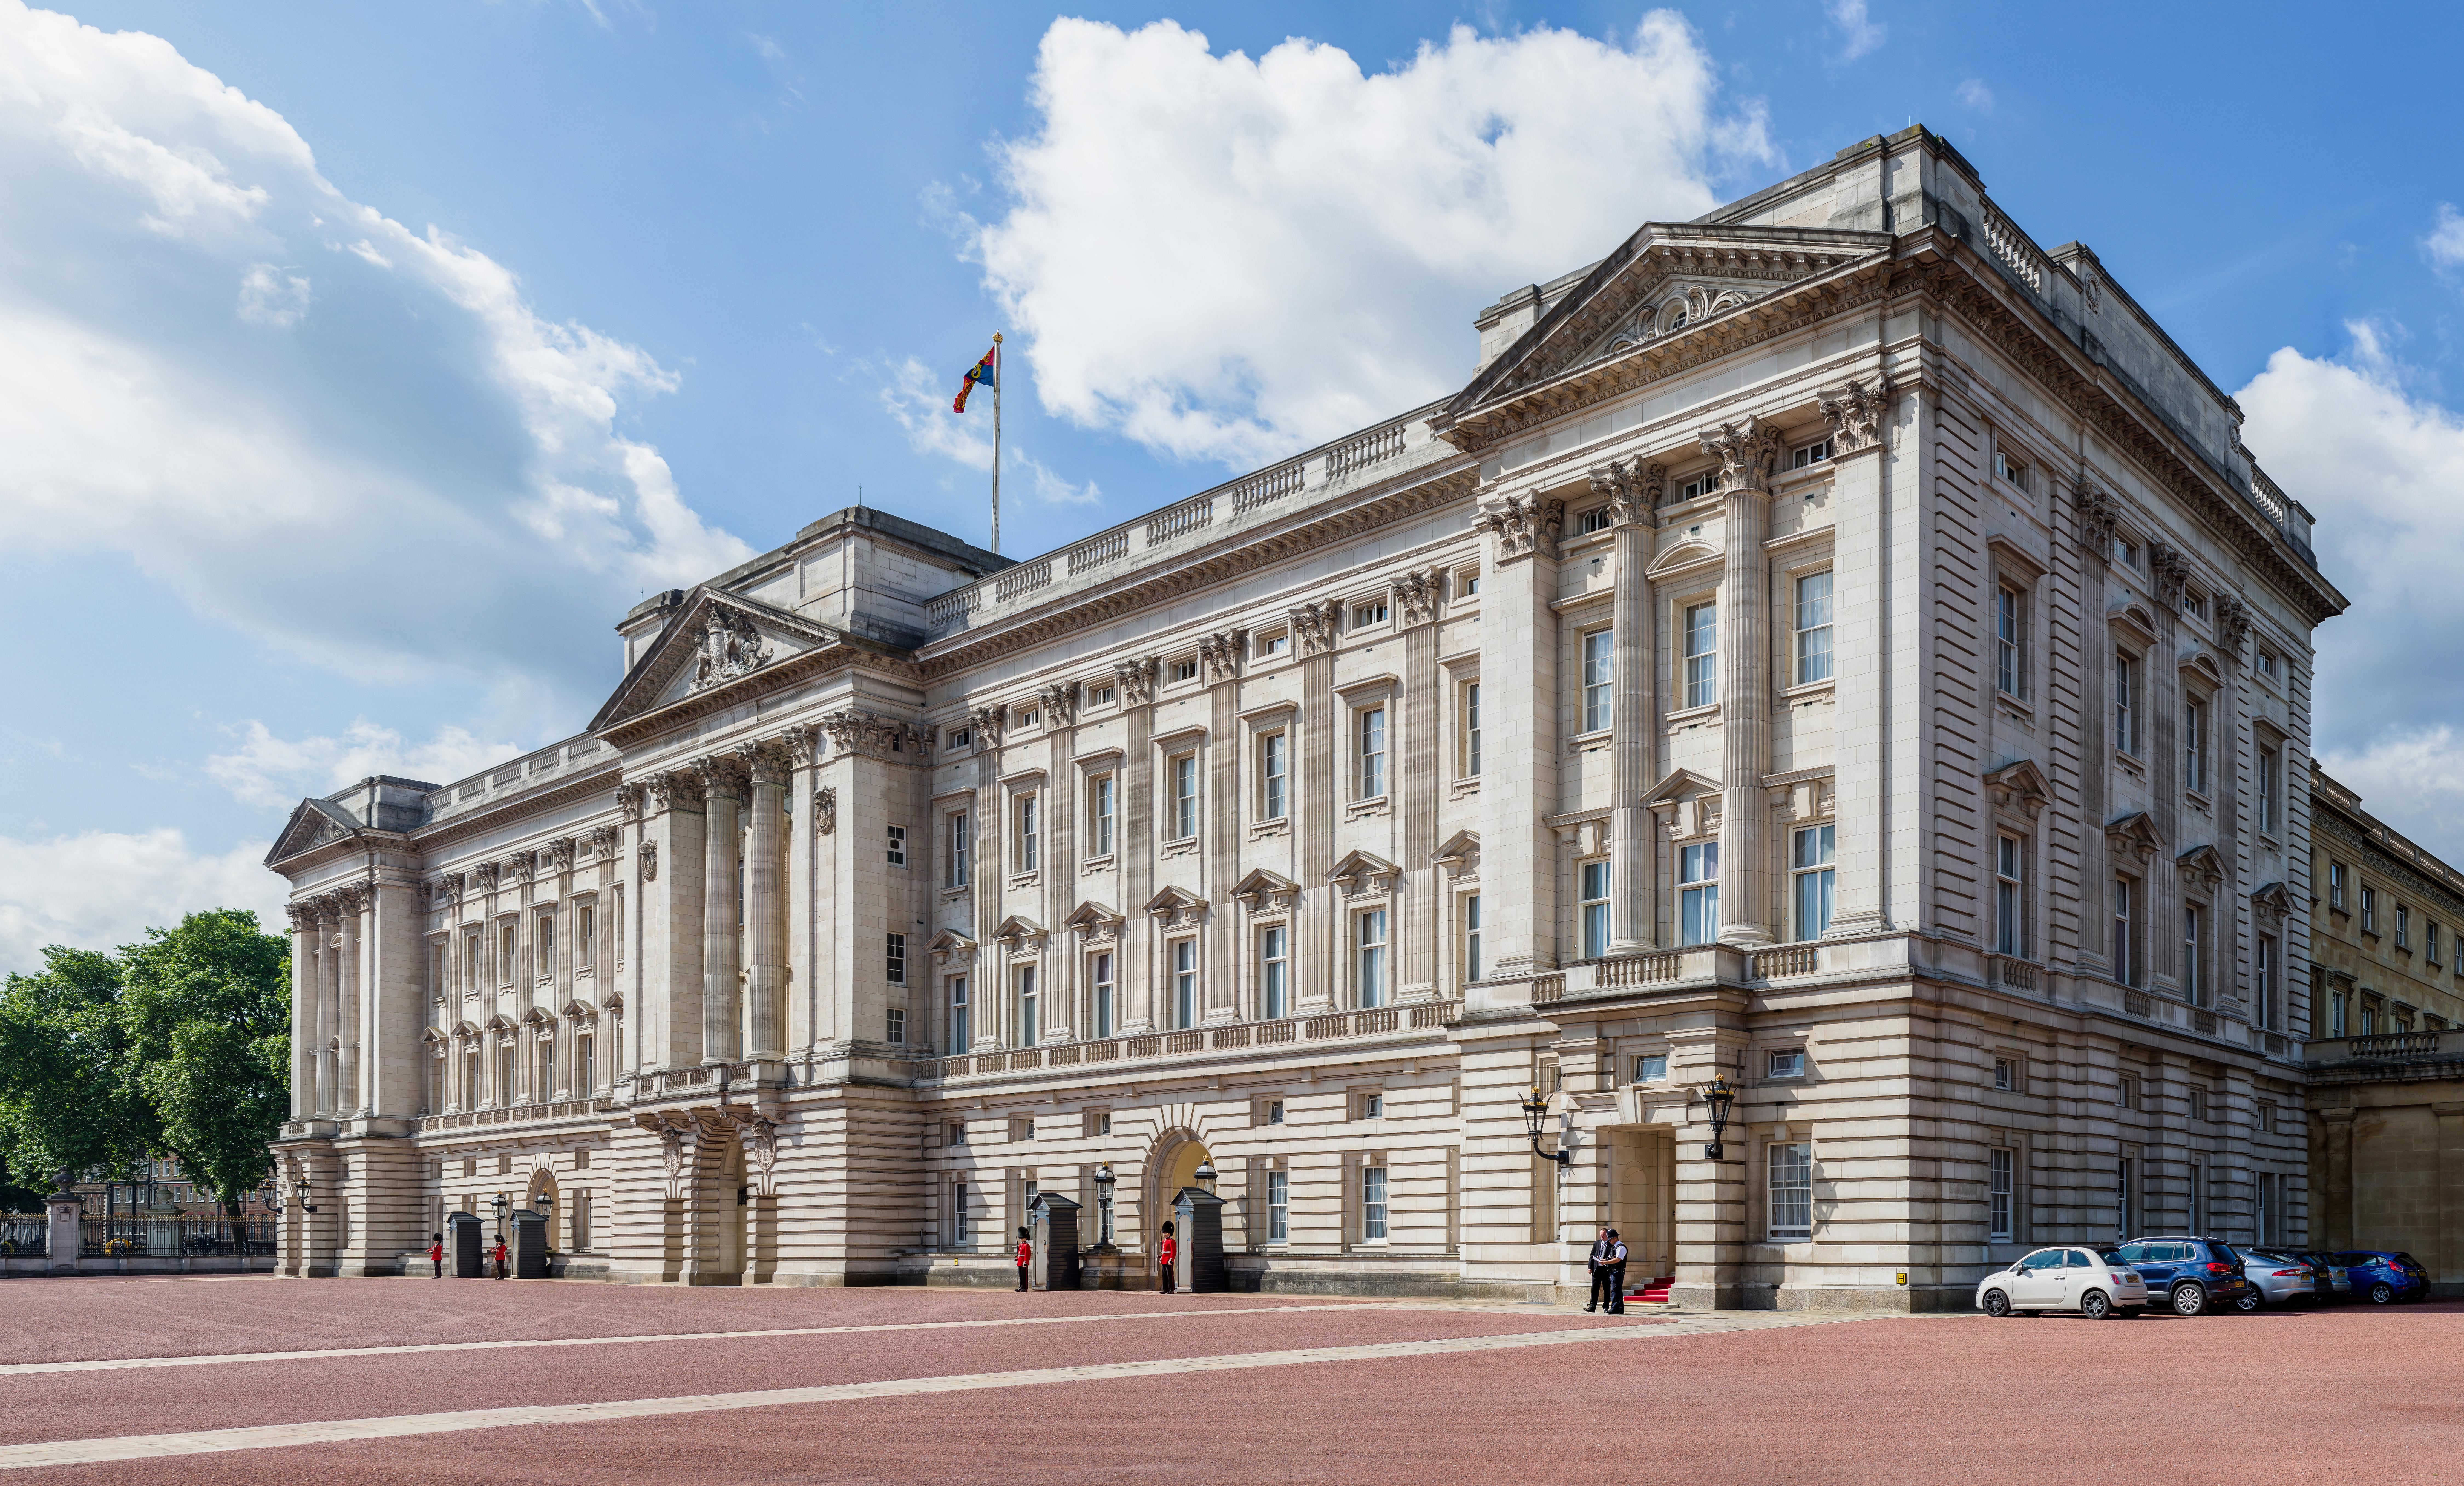 Buckingham_Palace_from_side,_London,_UK_